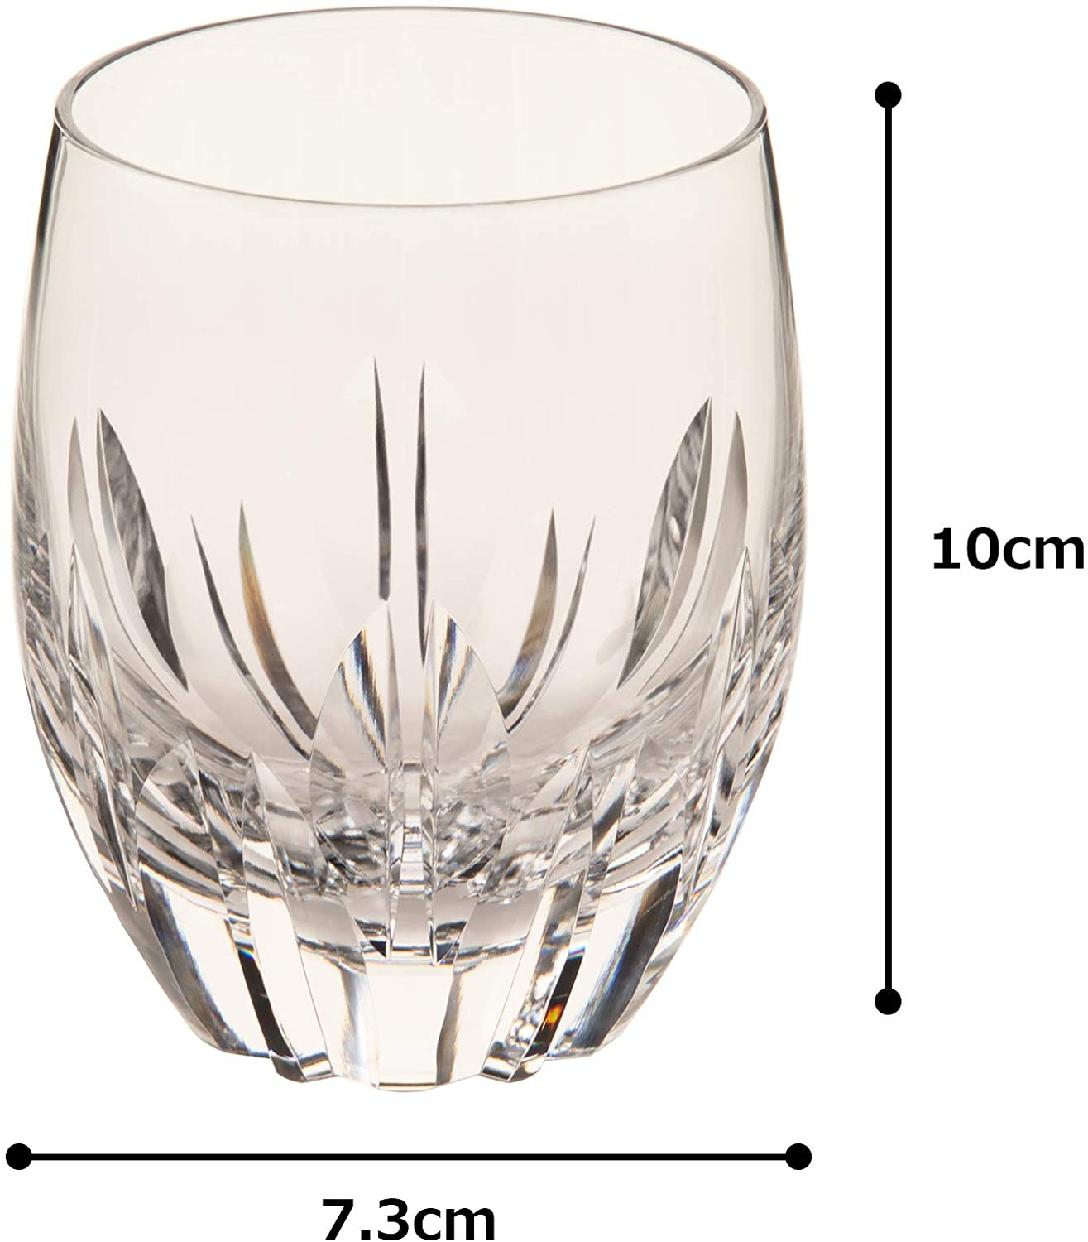 カガミクリスタル ロックグラス 330cc T428-640の商品画像6